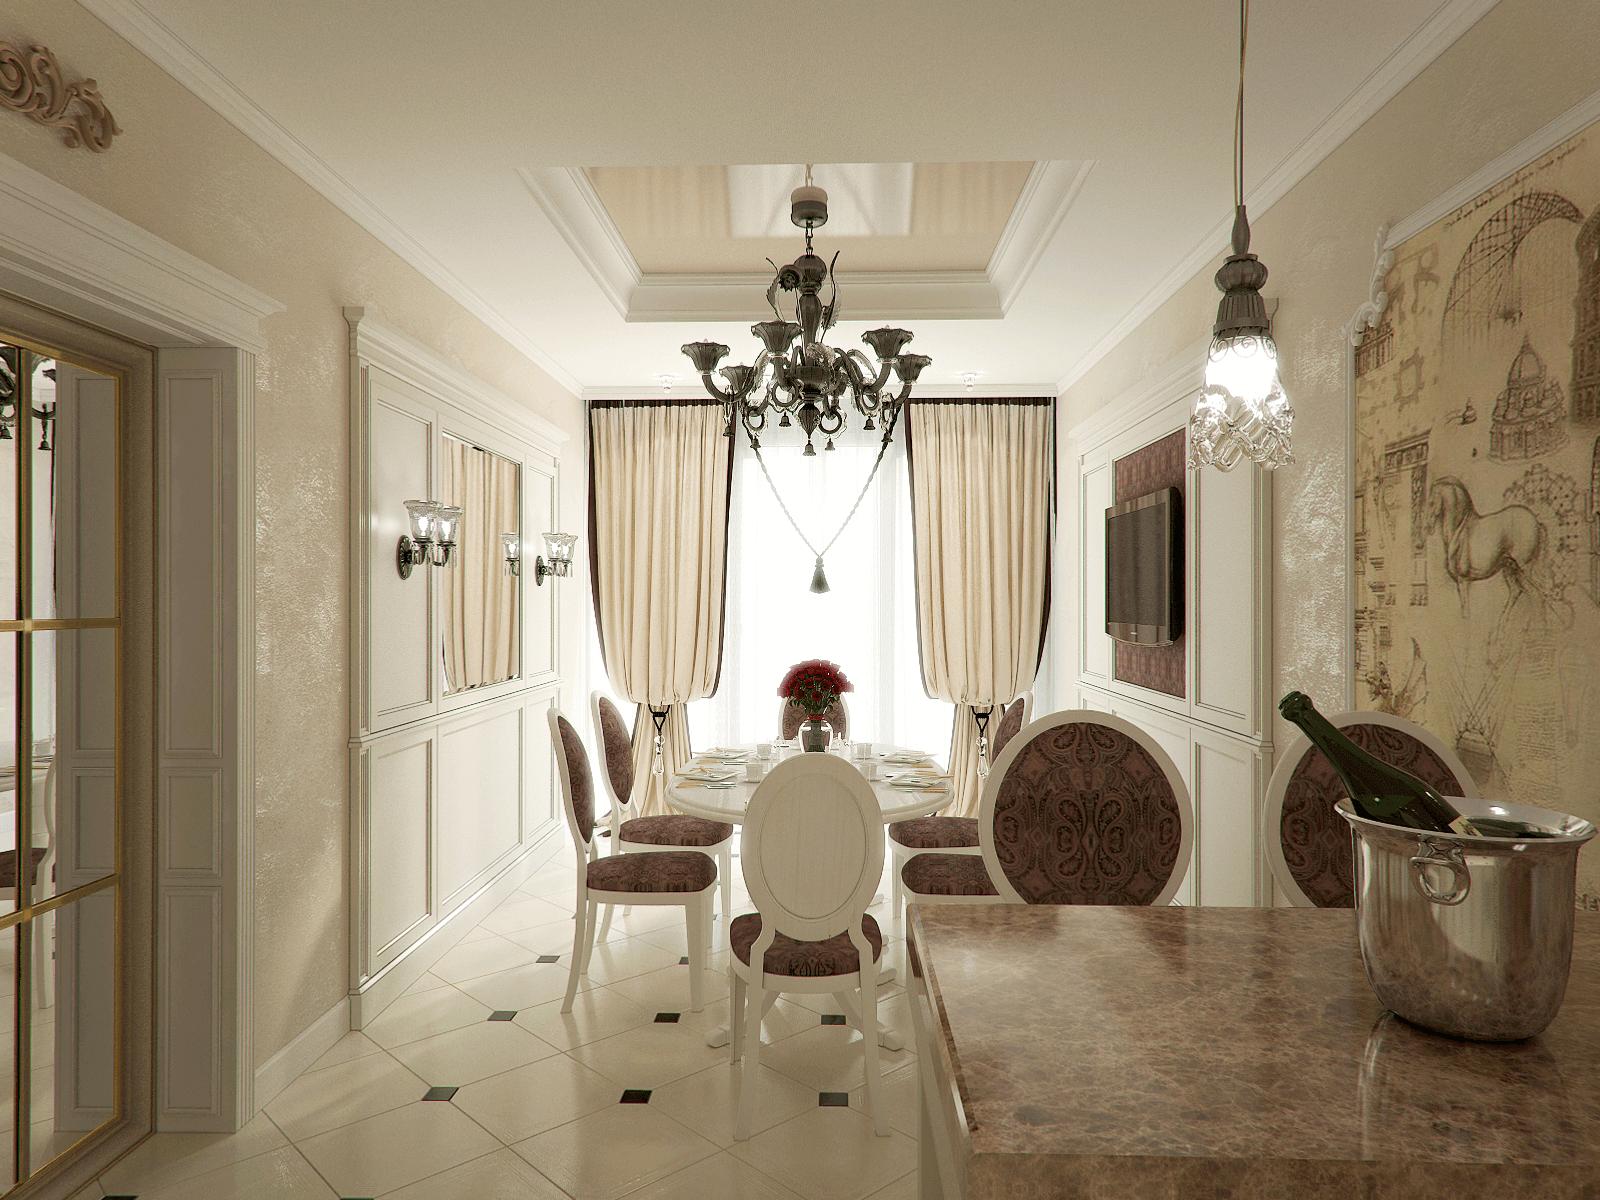 Asma tavan modern resimli isikli ev dekorasyon fikirleri - Mutfakta Asma Tavan Modelleri 3